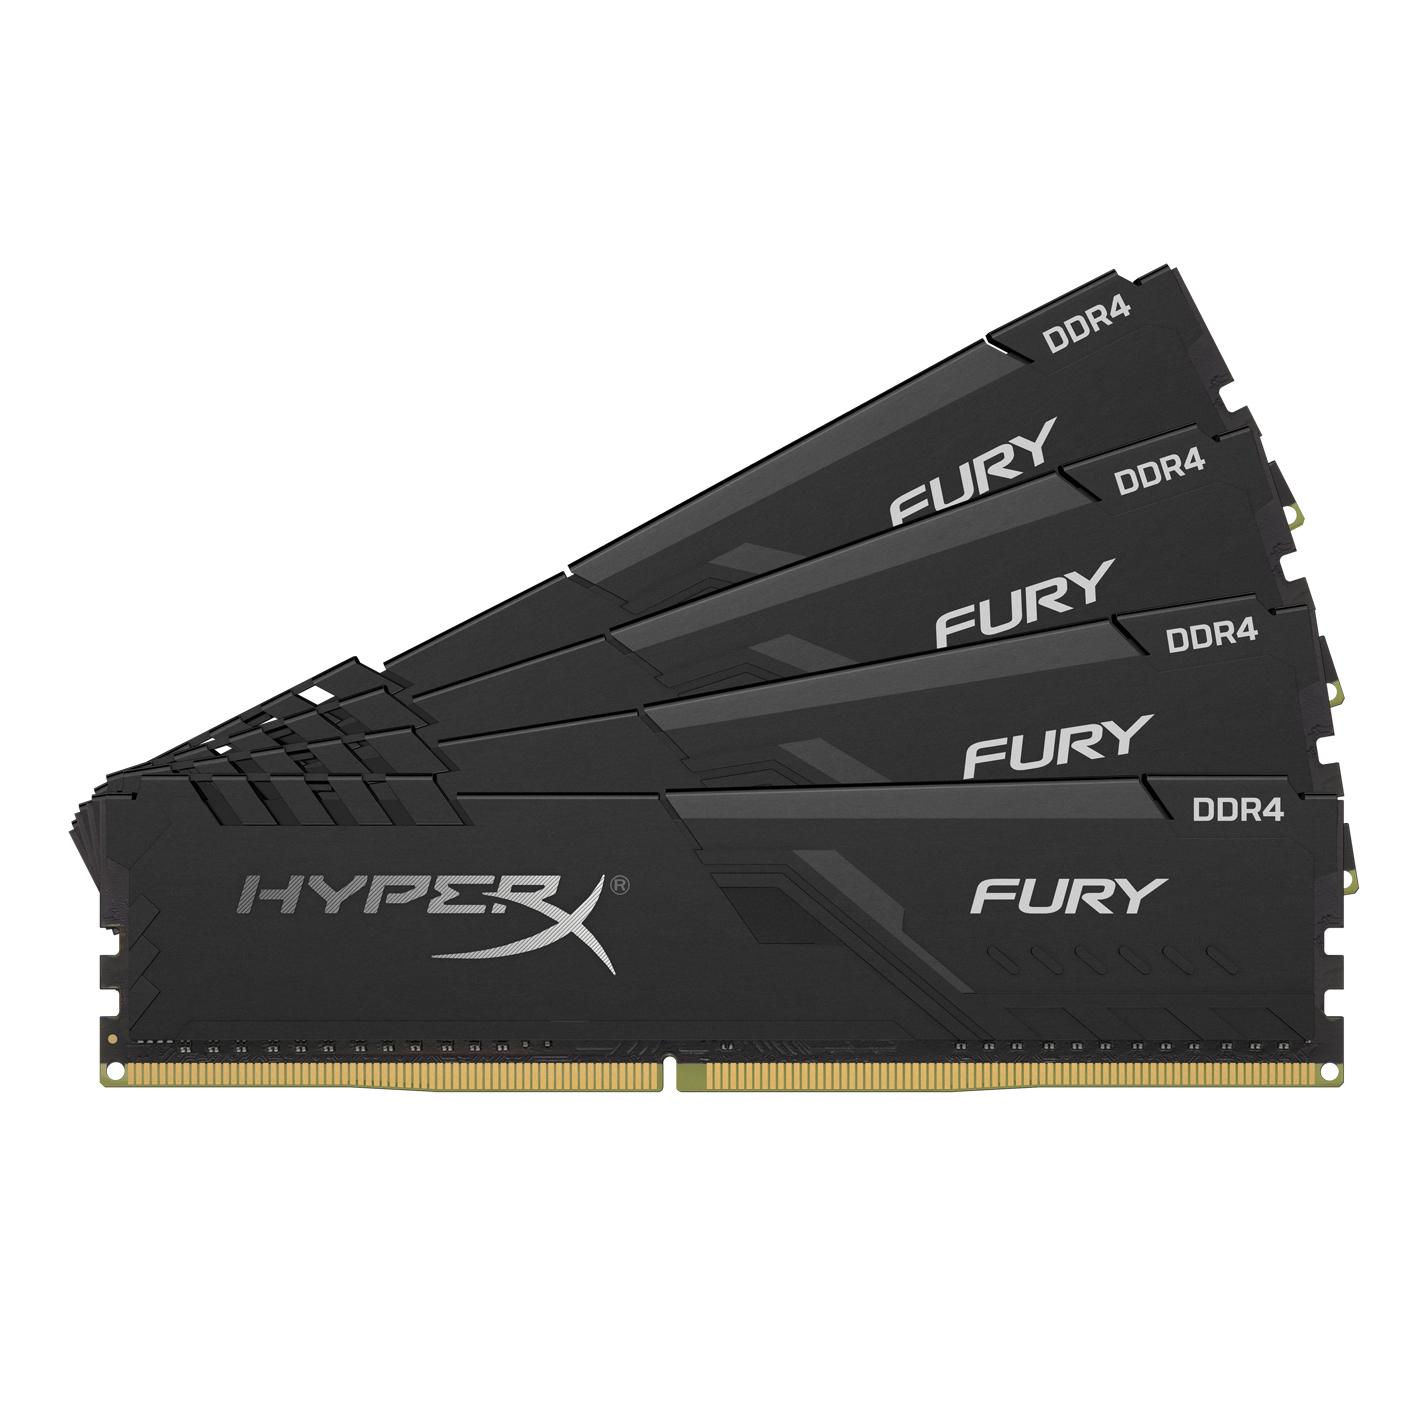 HyperX FURY HX432C16FB3K4/16 memory module 16 GB DDR4 3200 MHz